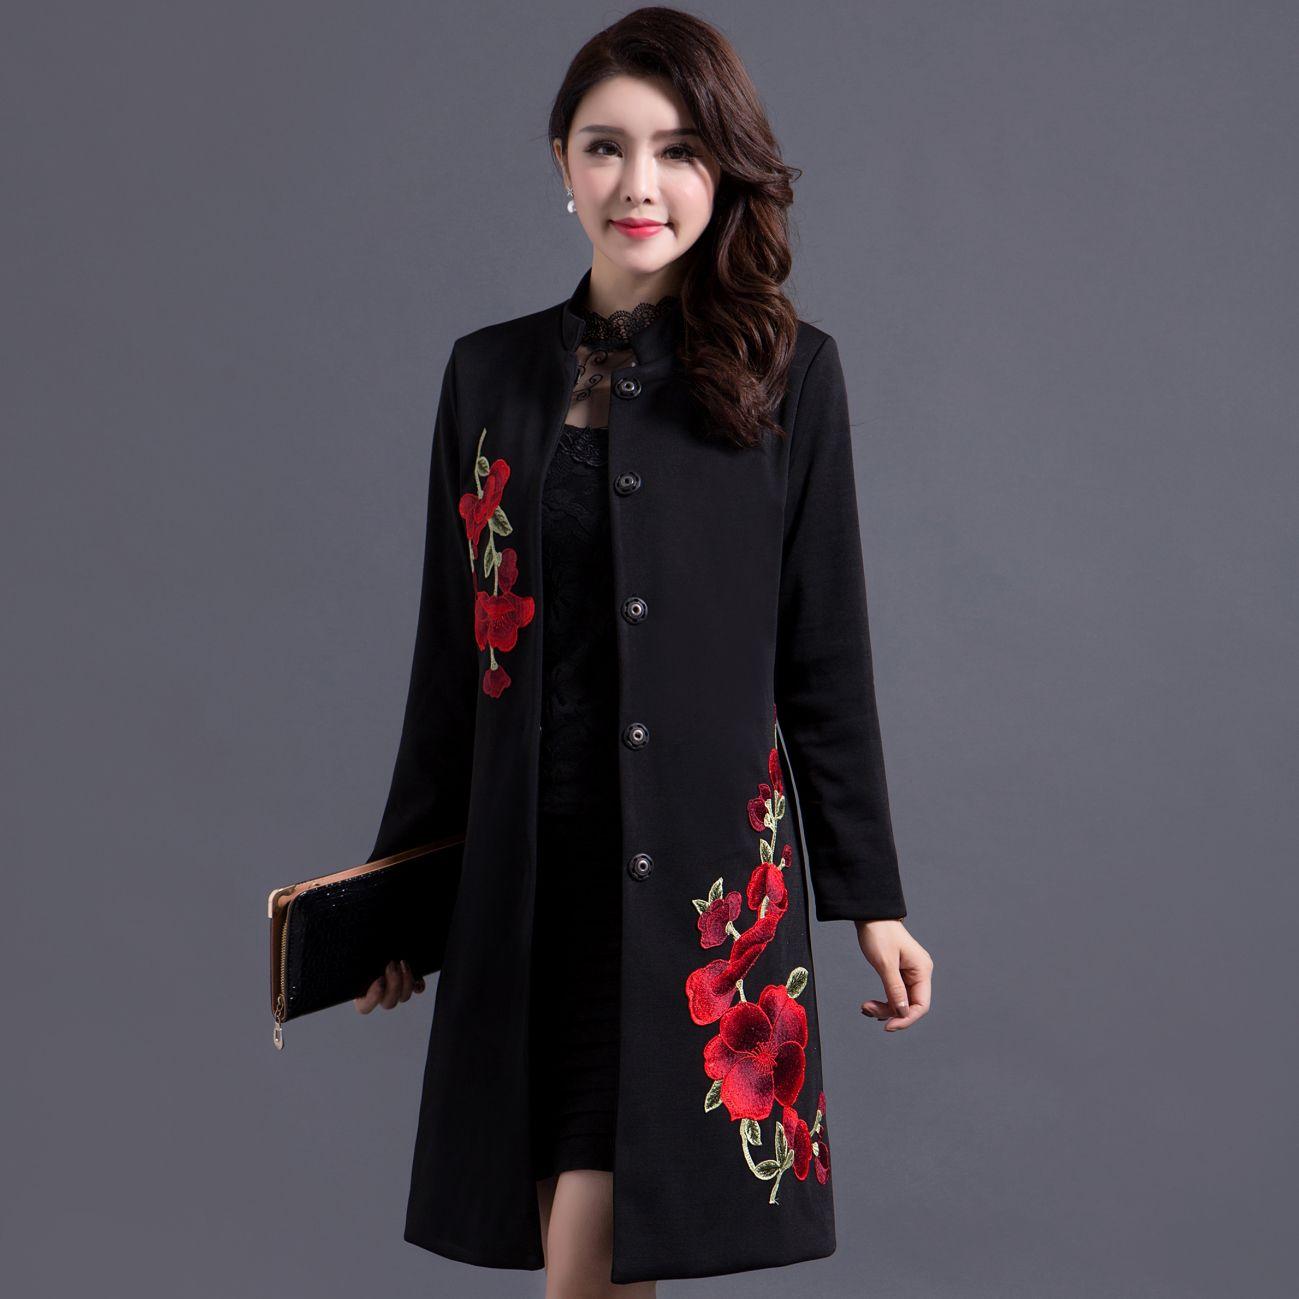 Пальто с вышивкой 2017 112